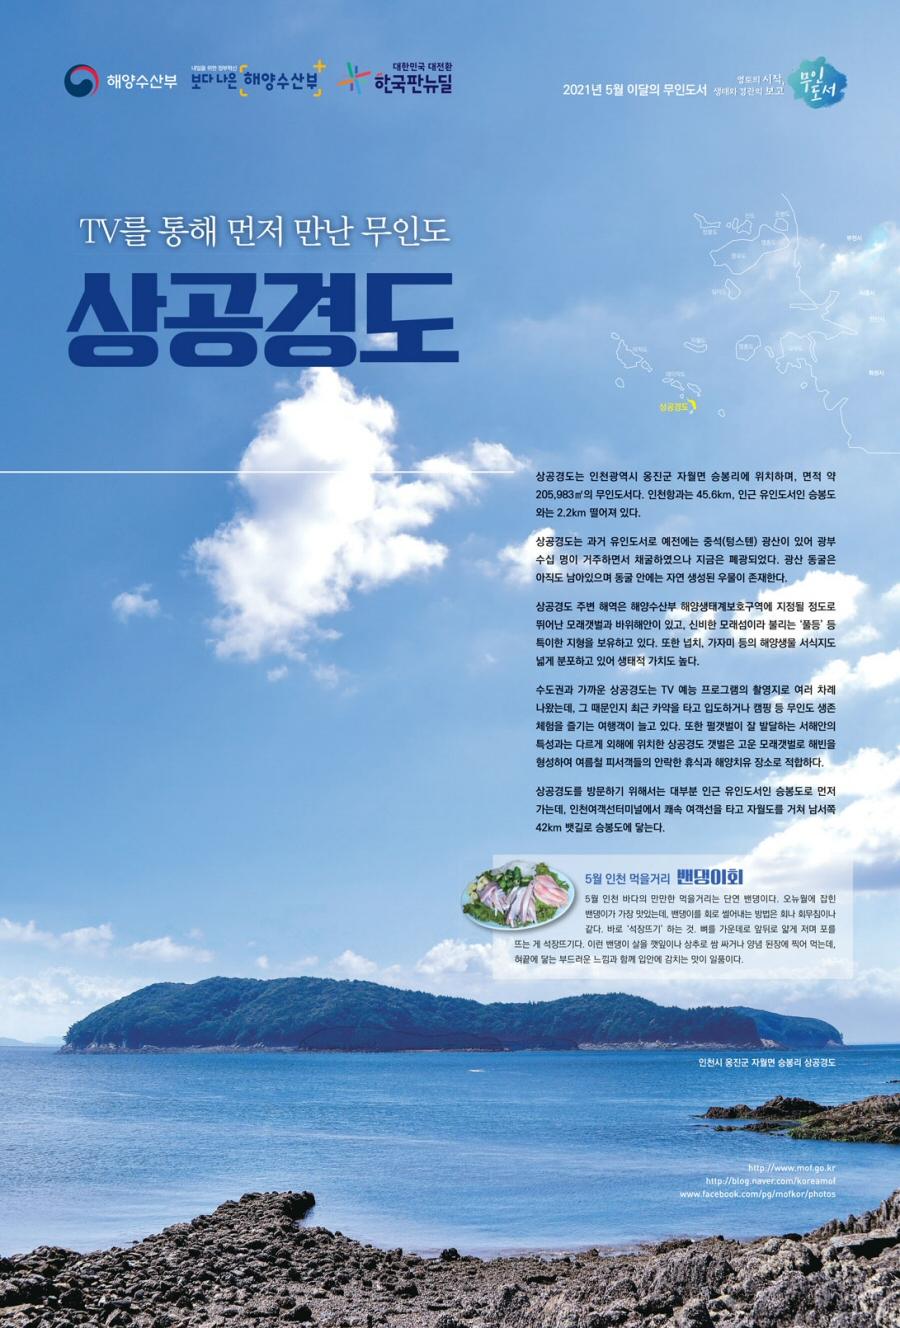 2021년 5월 이달의 무인도서 인천 옹진군 '상공경도' 선정